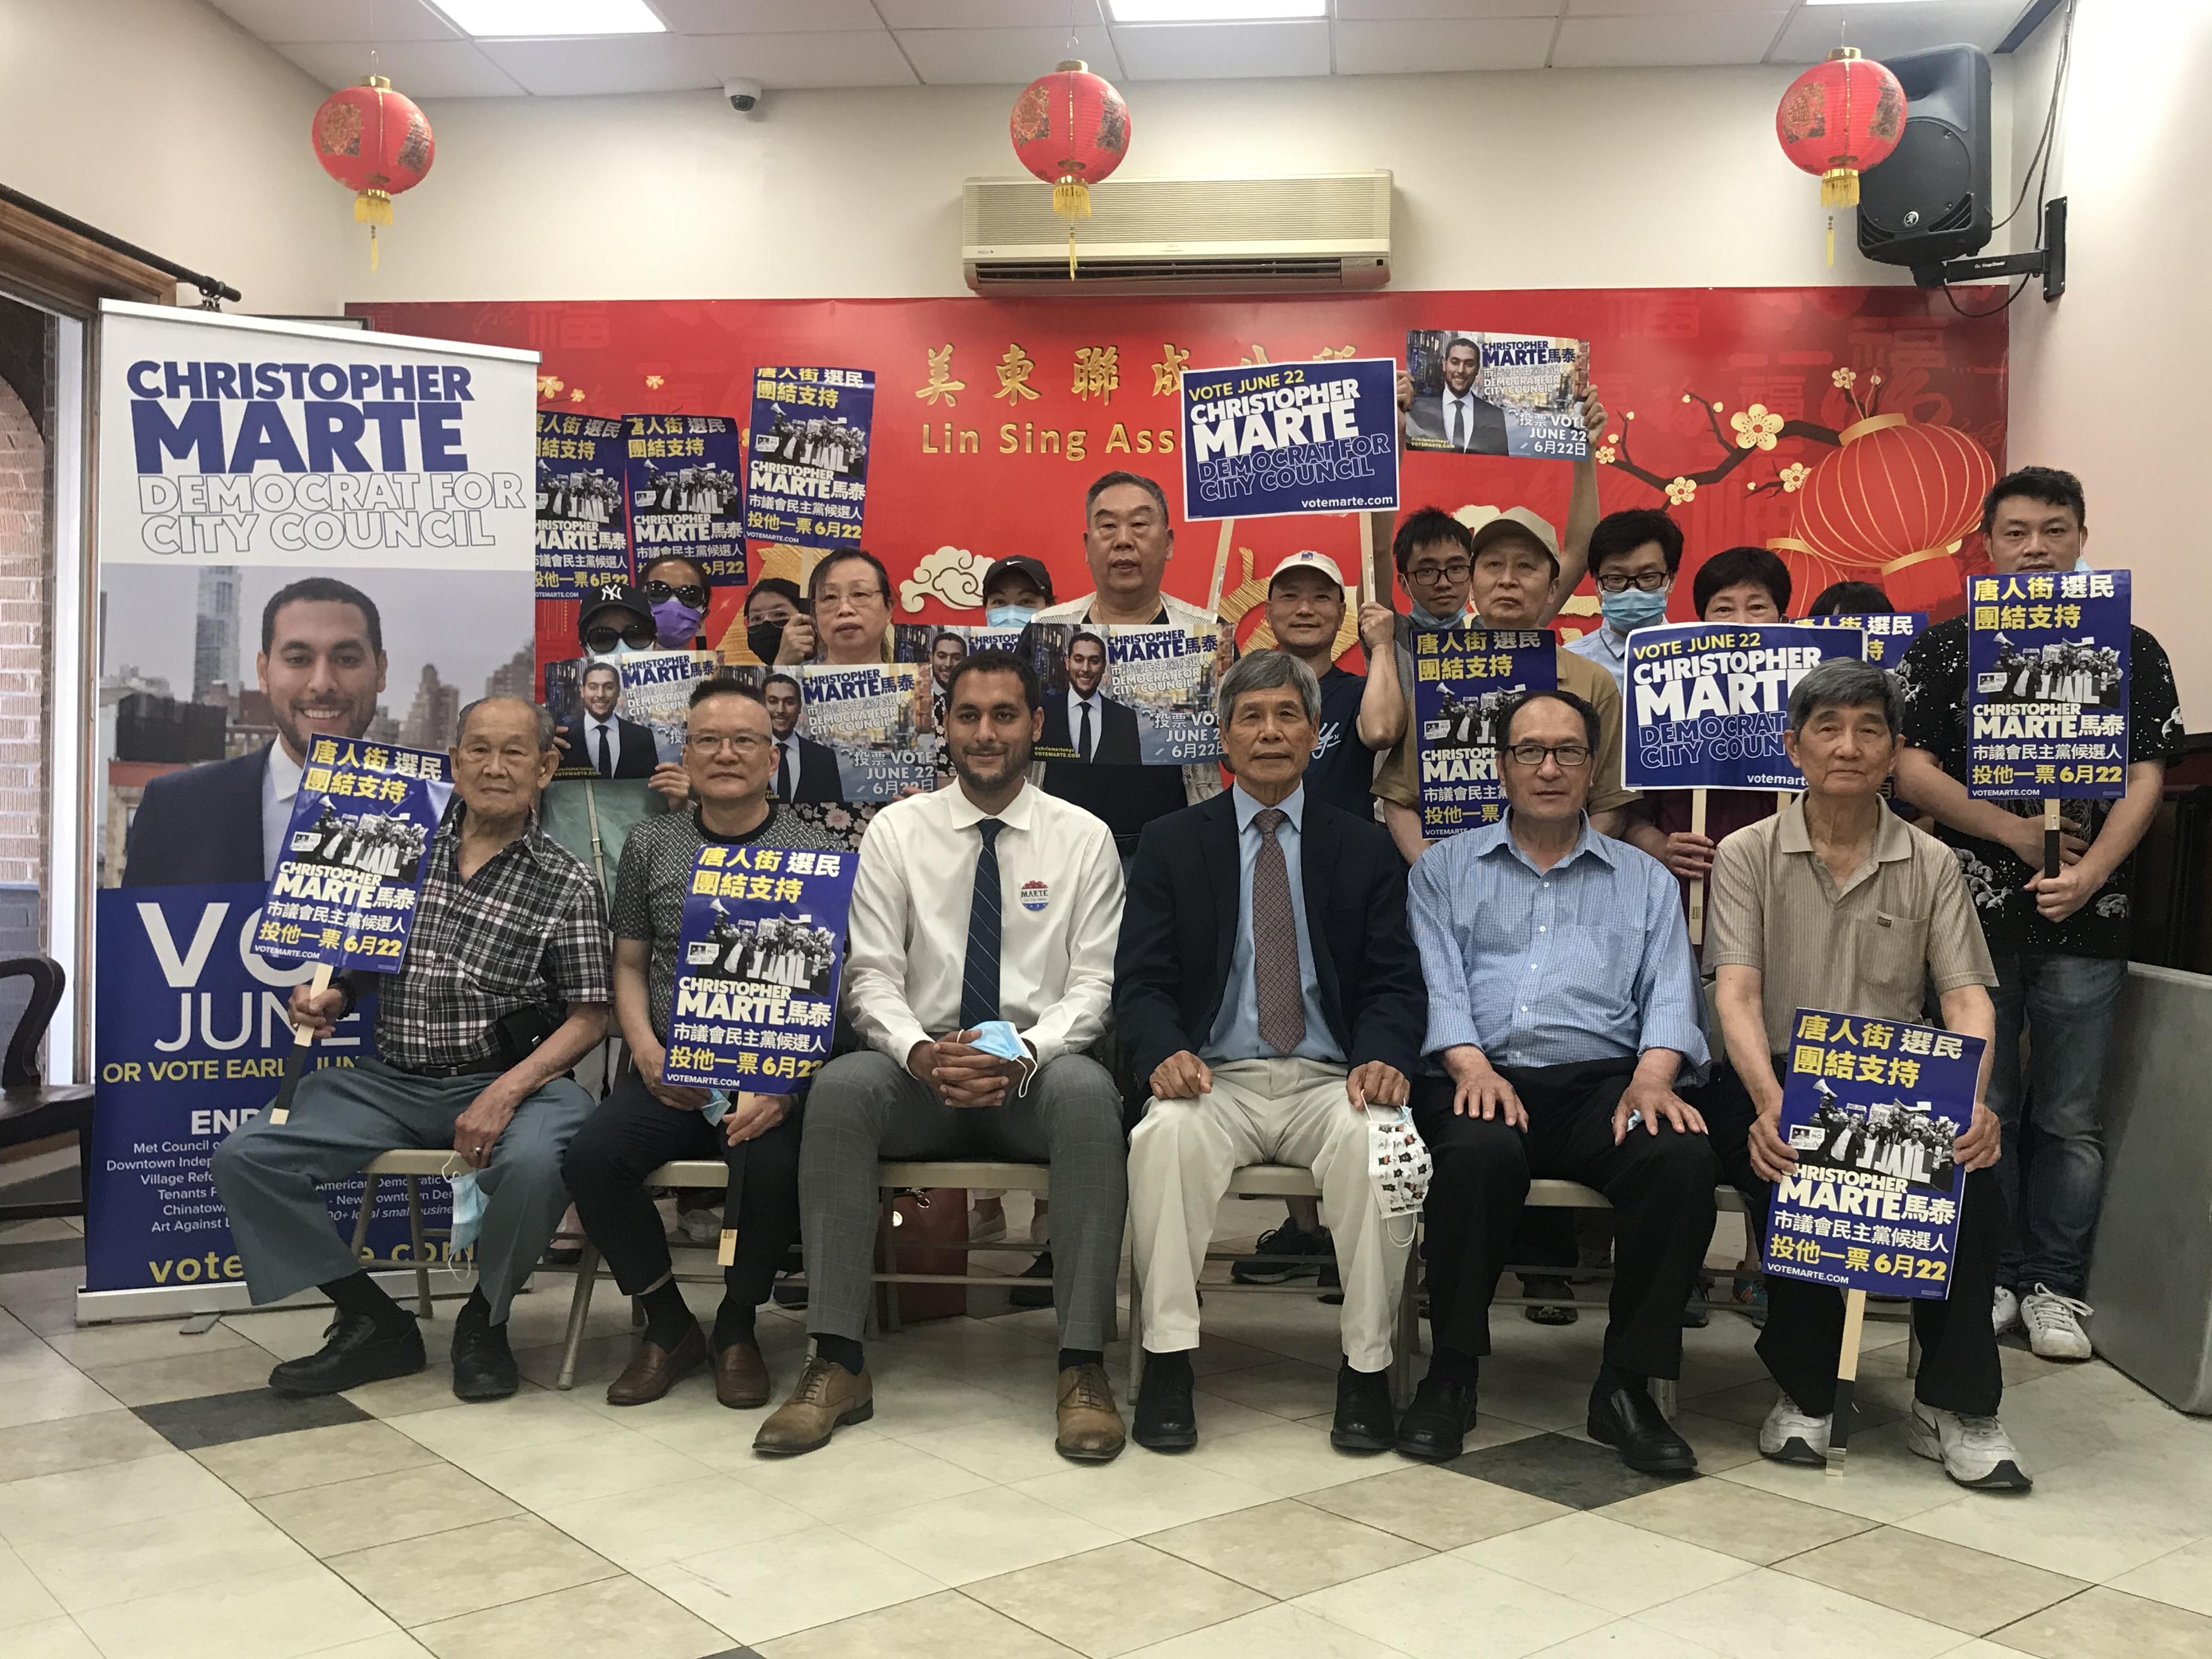 第一選區市議員候選人馬泰拜訪聯成公所。